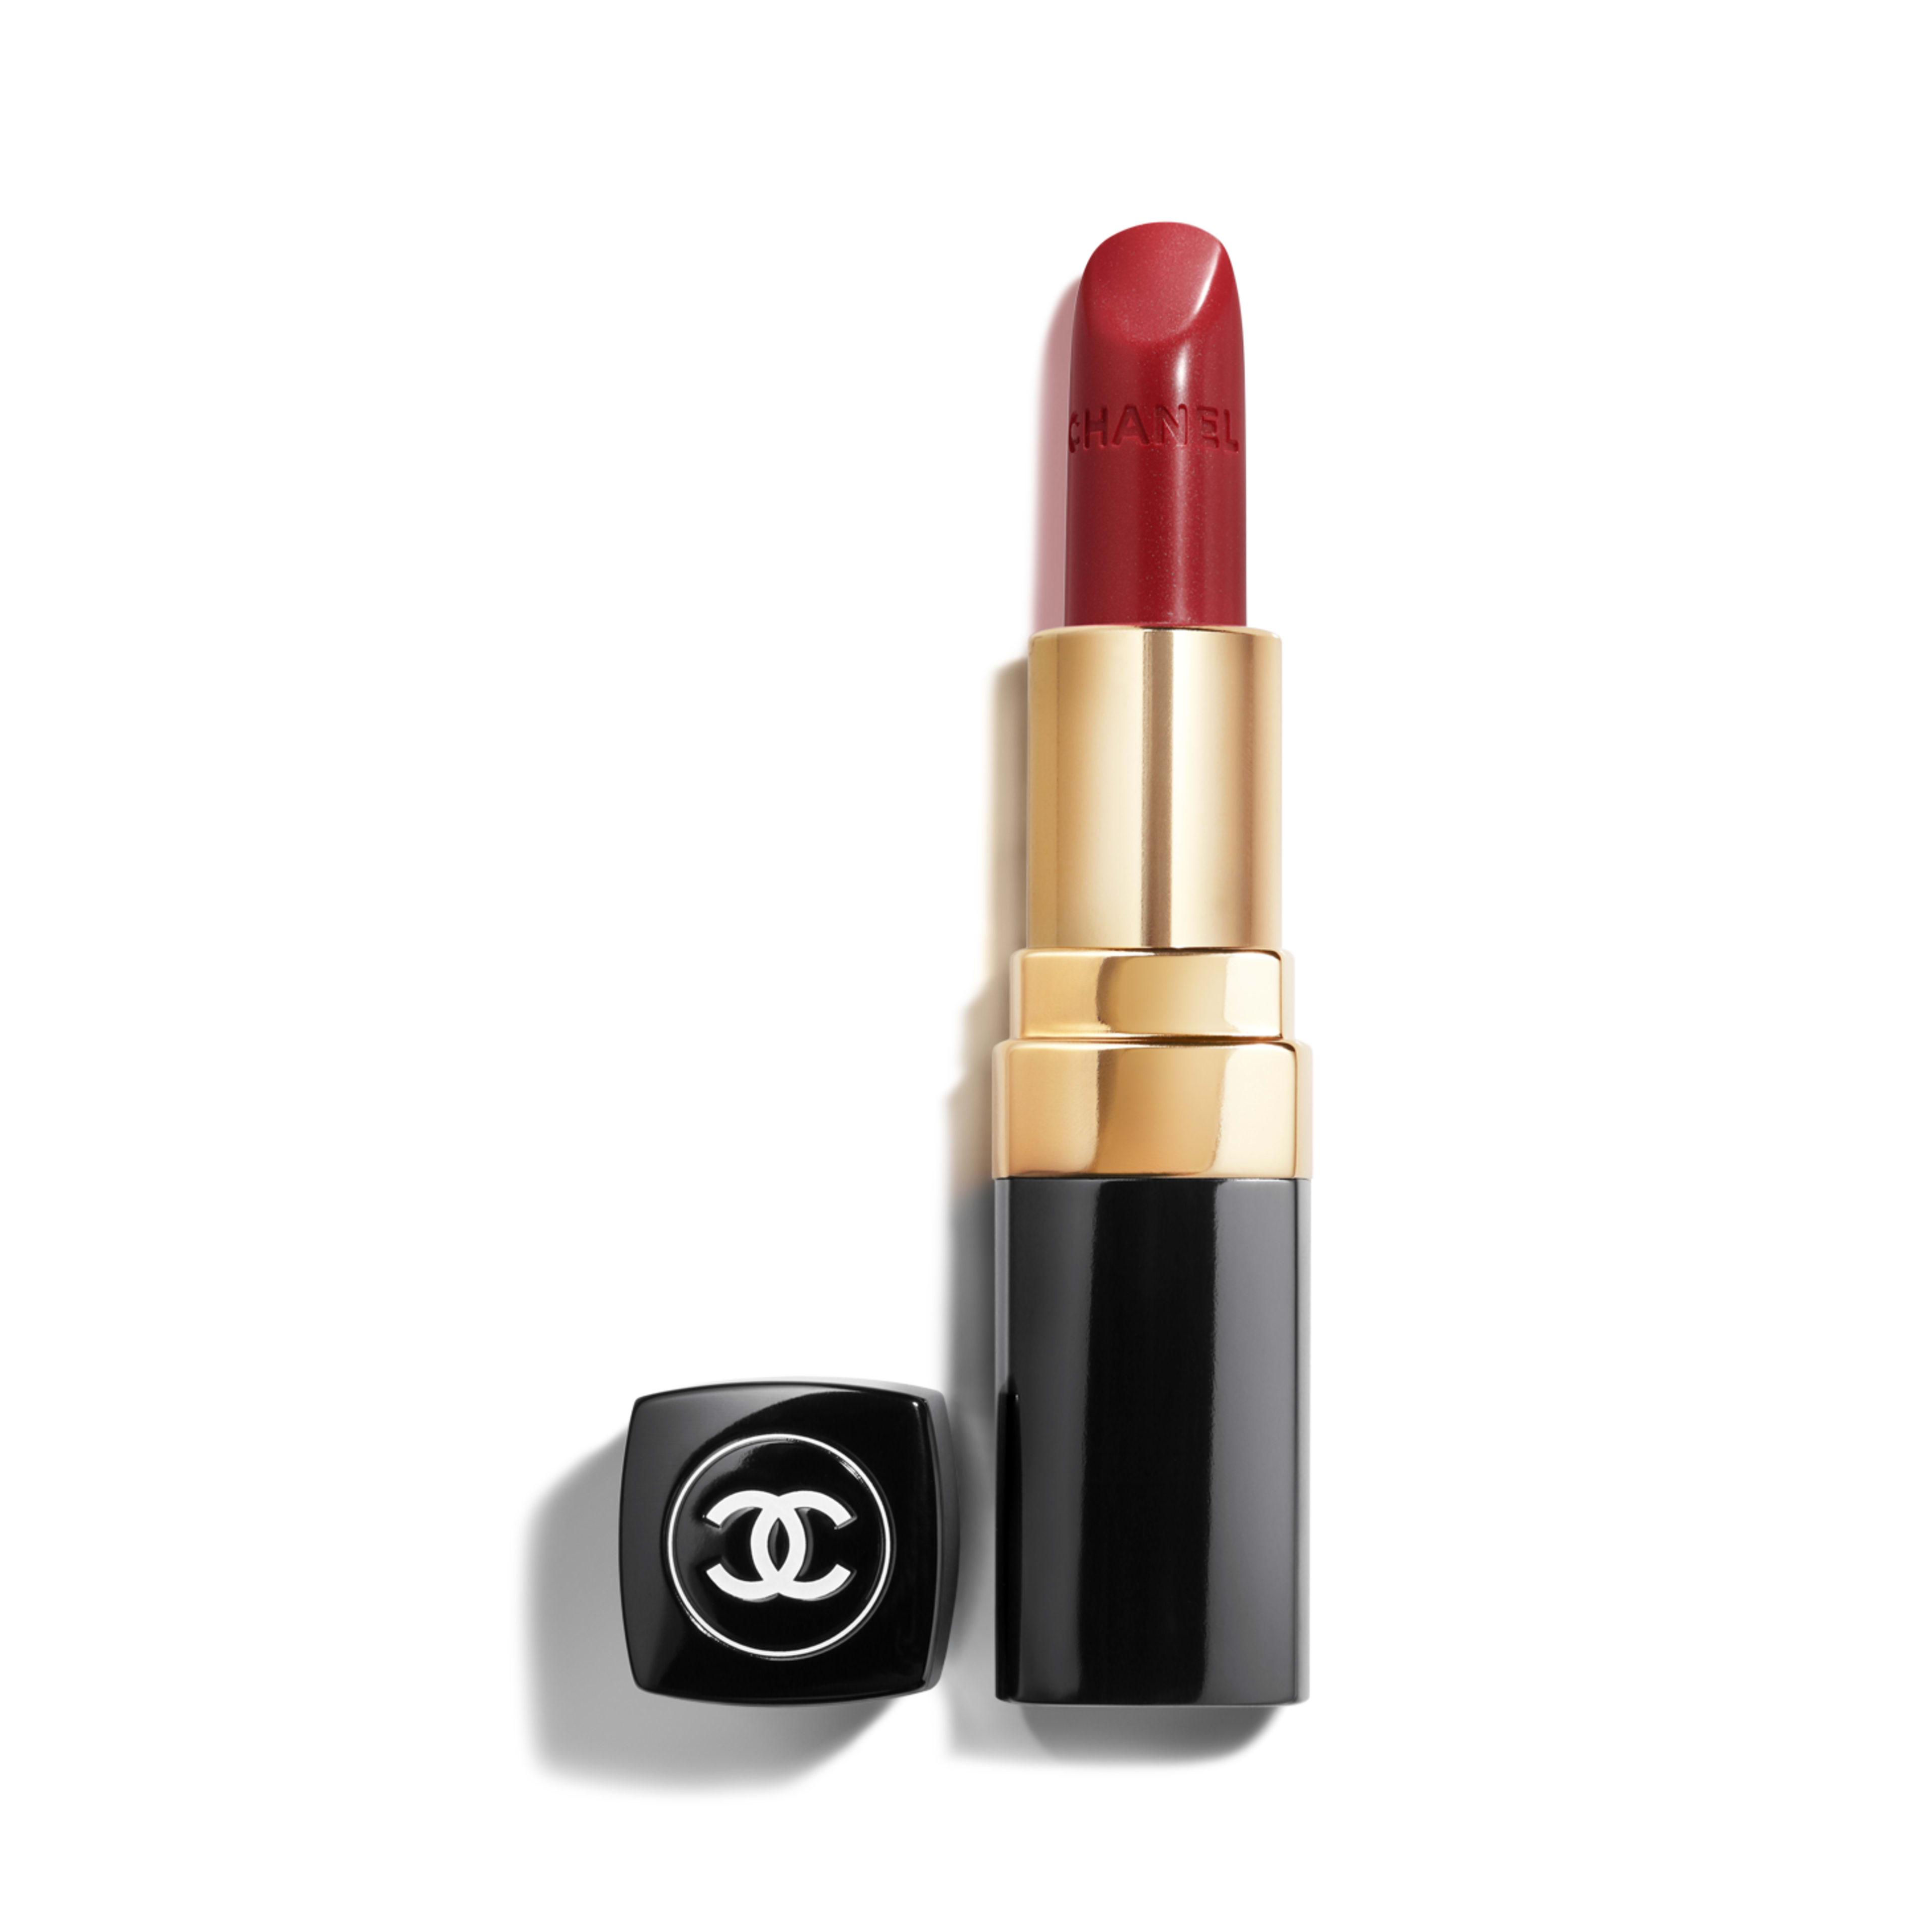 ROUGE COCO - makeup - 0.12OZ. - Default view